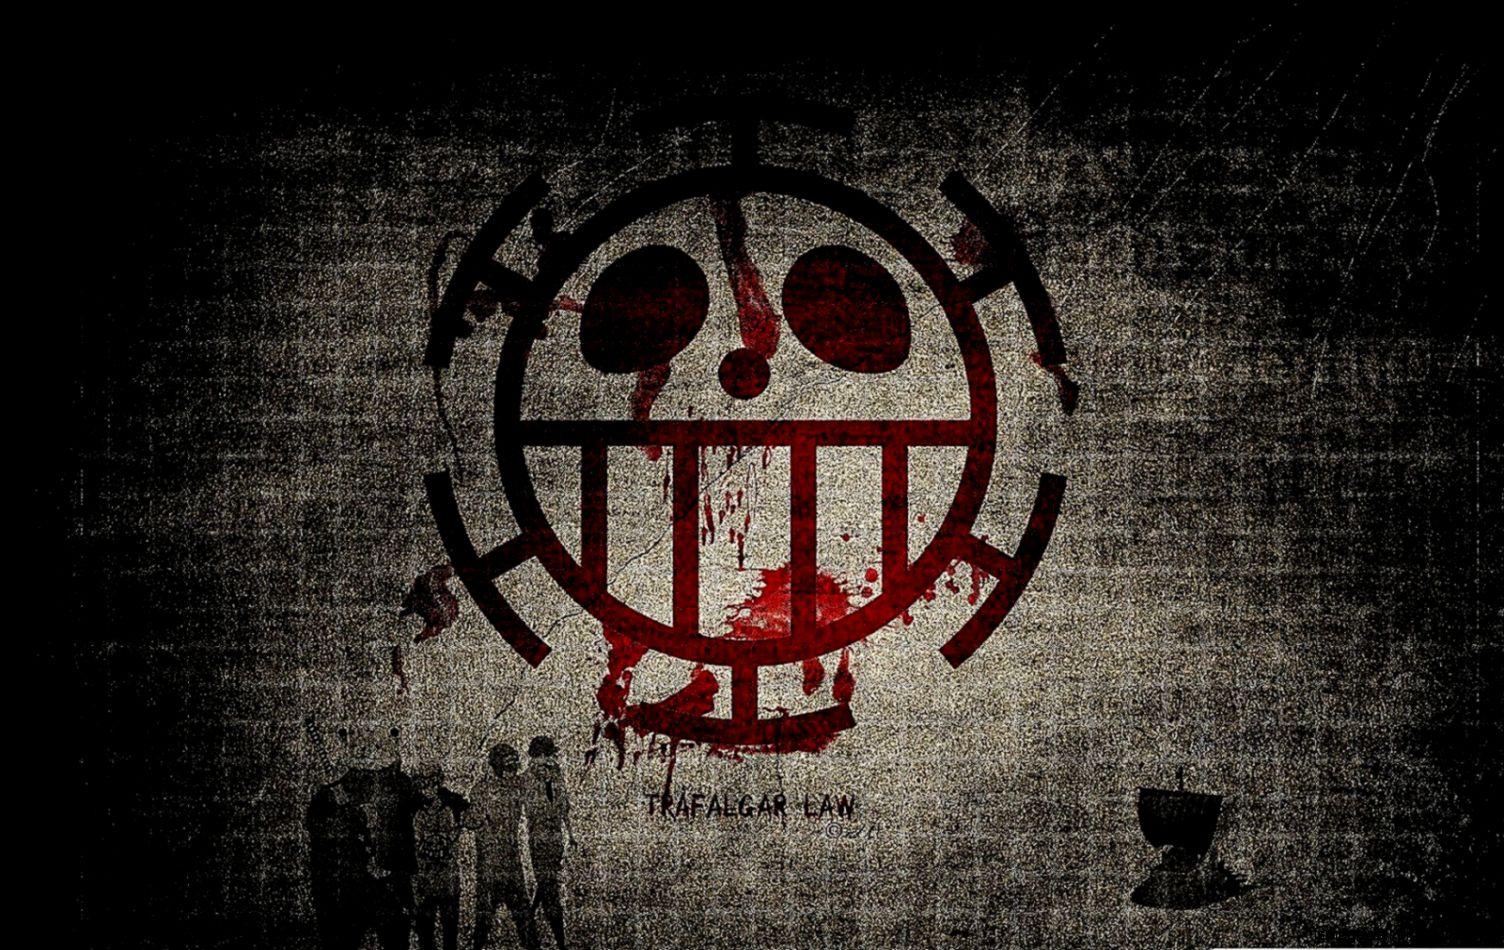 Logos Trafalgar Law One Piece Pirate Logo Hd Wallpapers ...